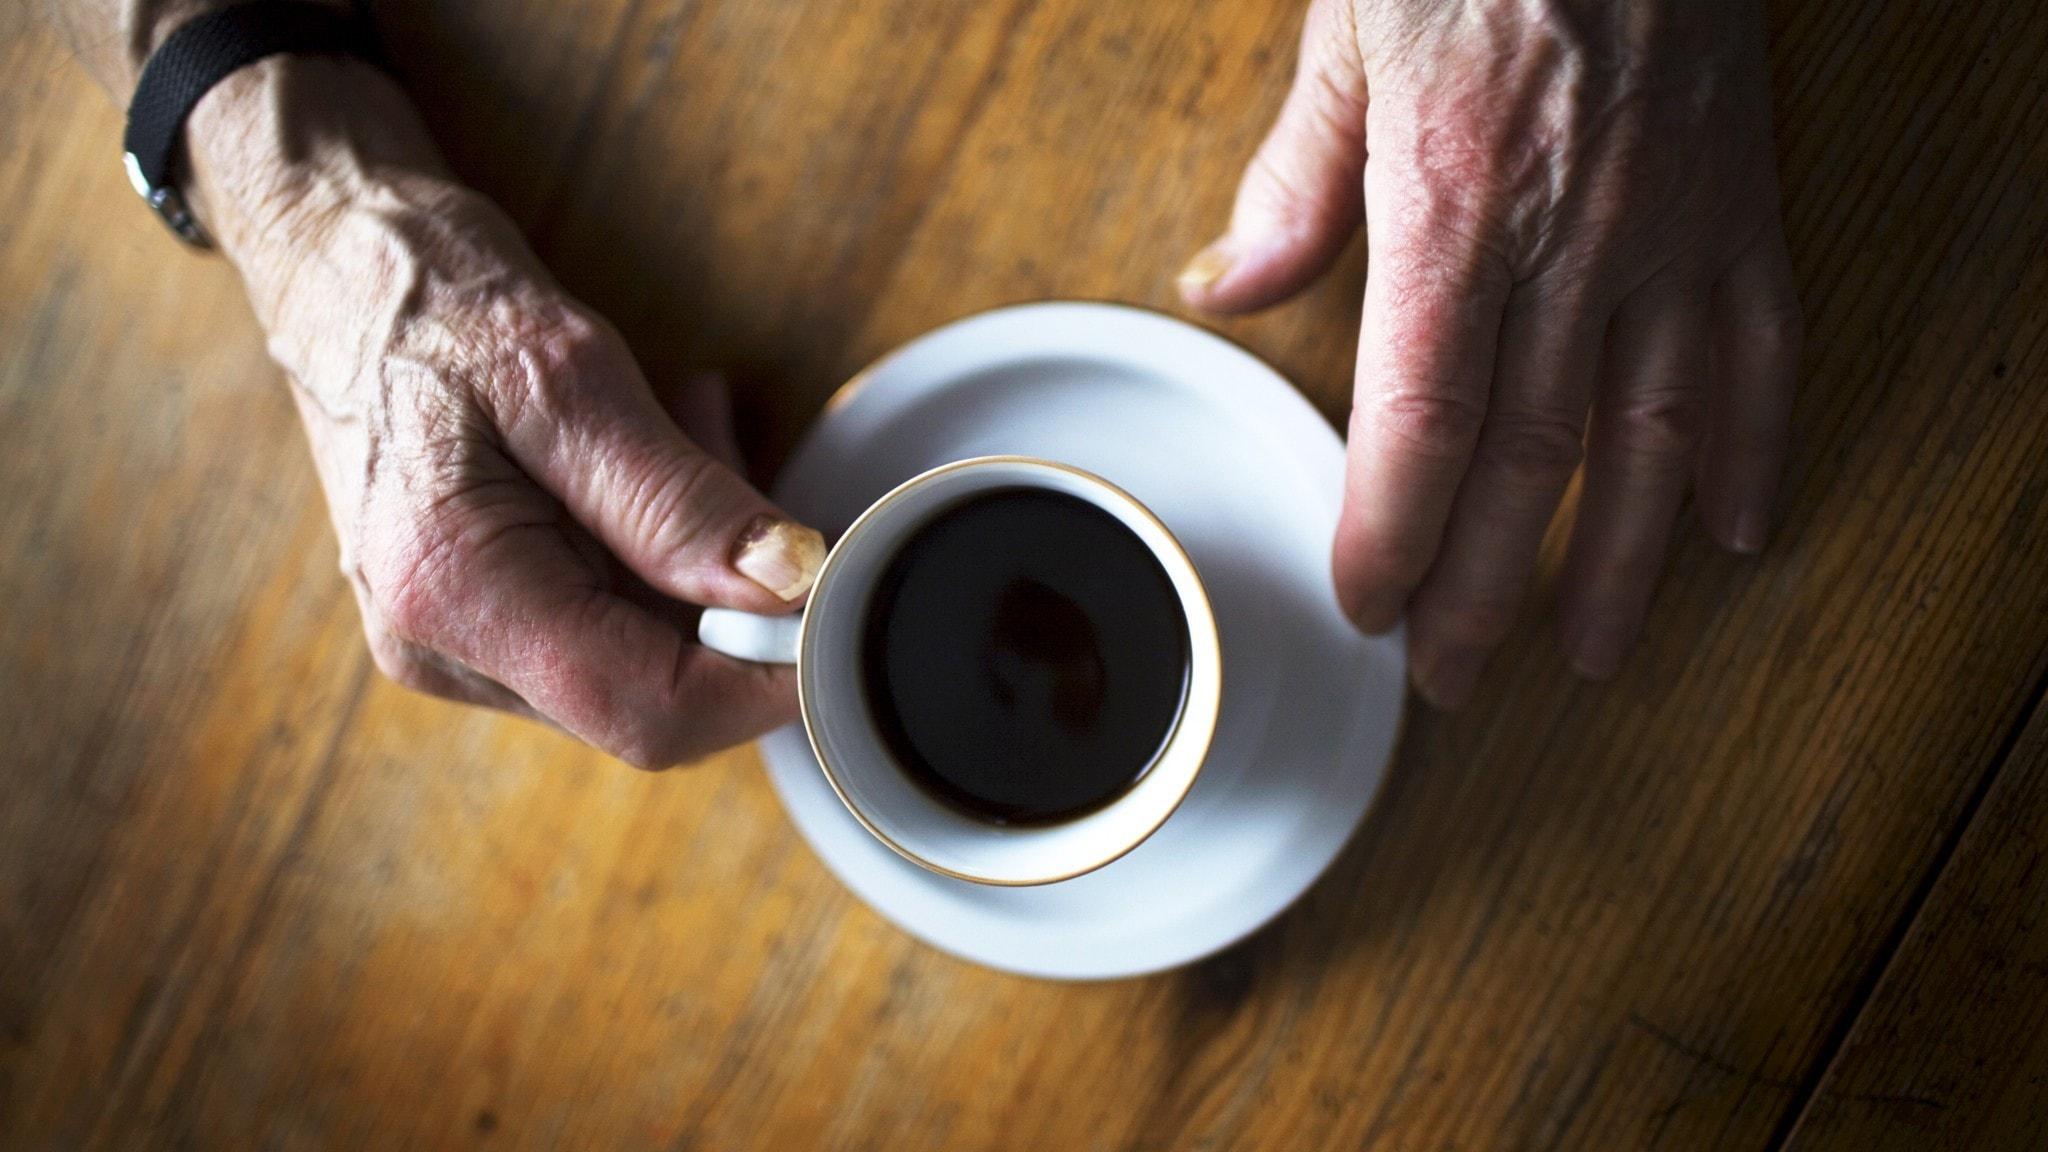 Äldre person dricker kaffe. Närbild på händer och kaffekopp.